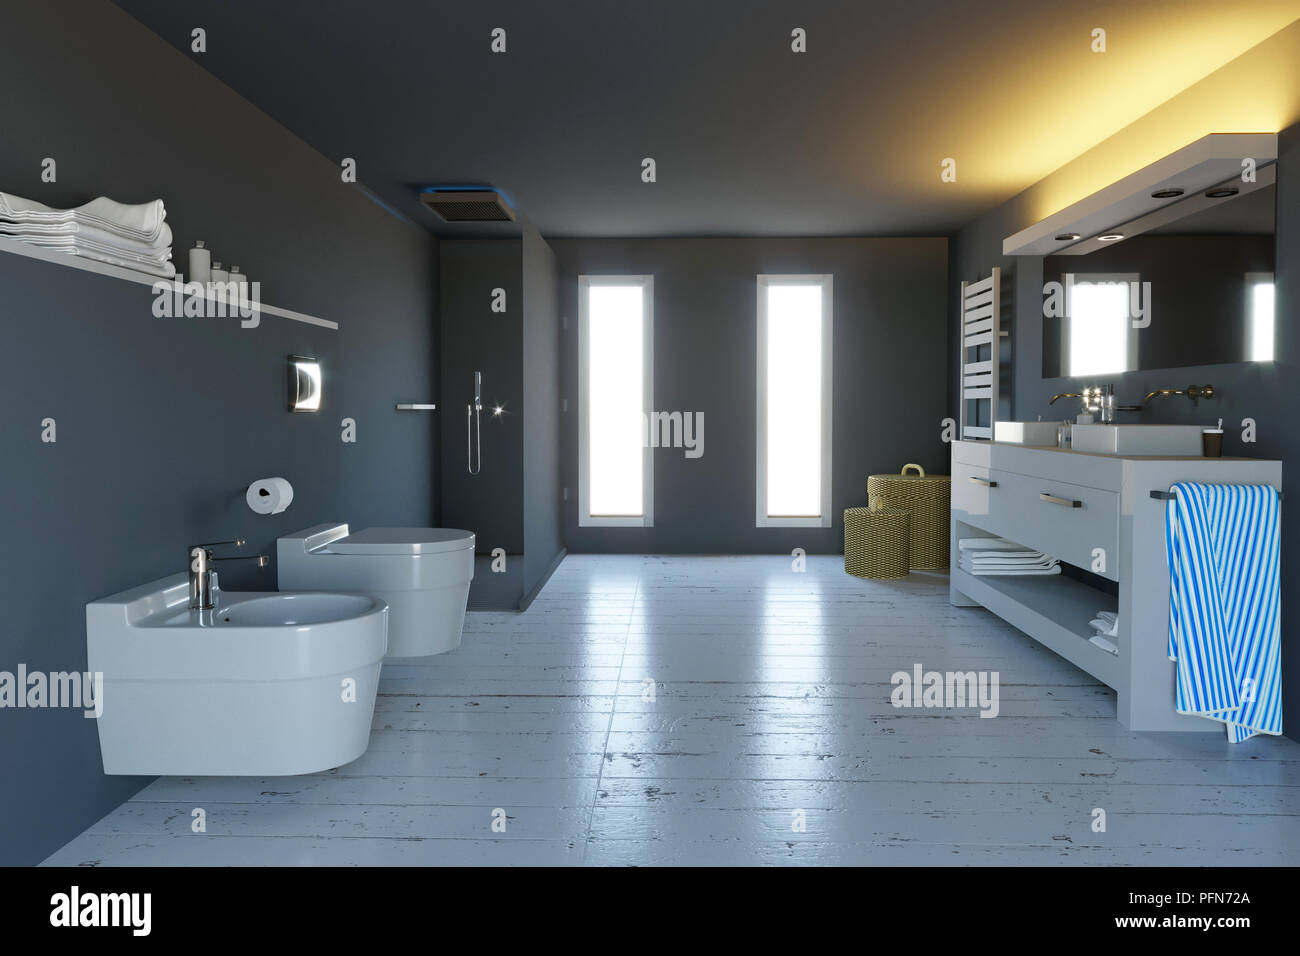 Stock Di Arredo Bagno.Moderno Bagno Completo Di Sanitari Doccia E Accessori Di